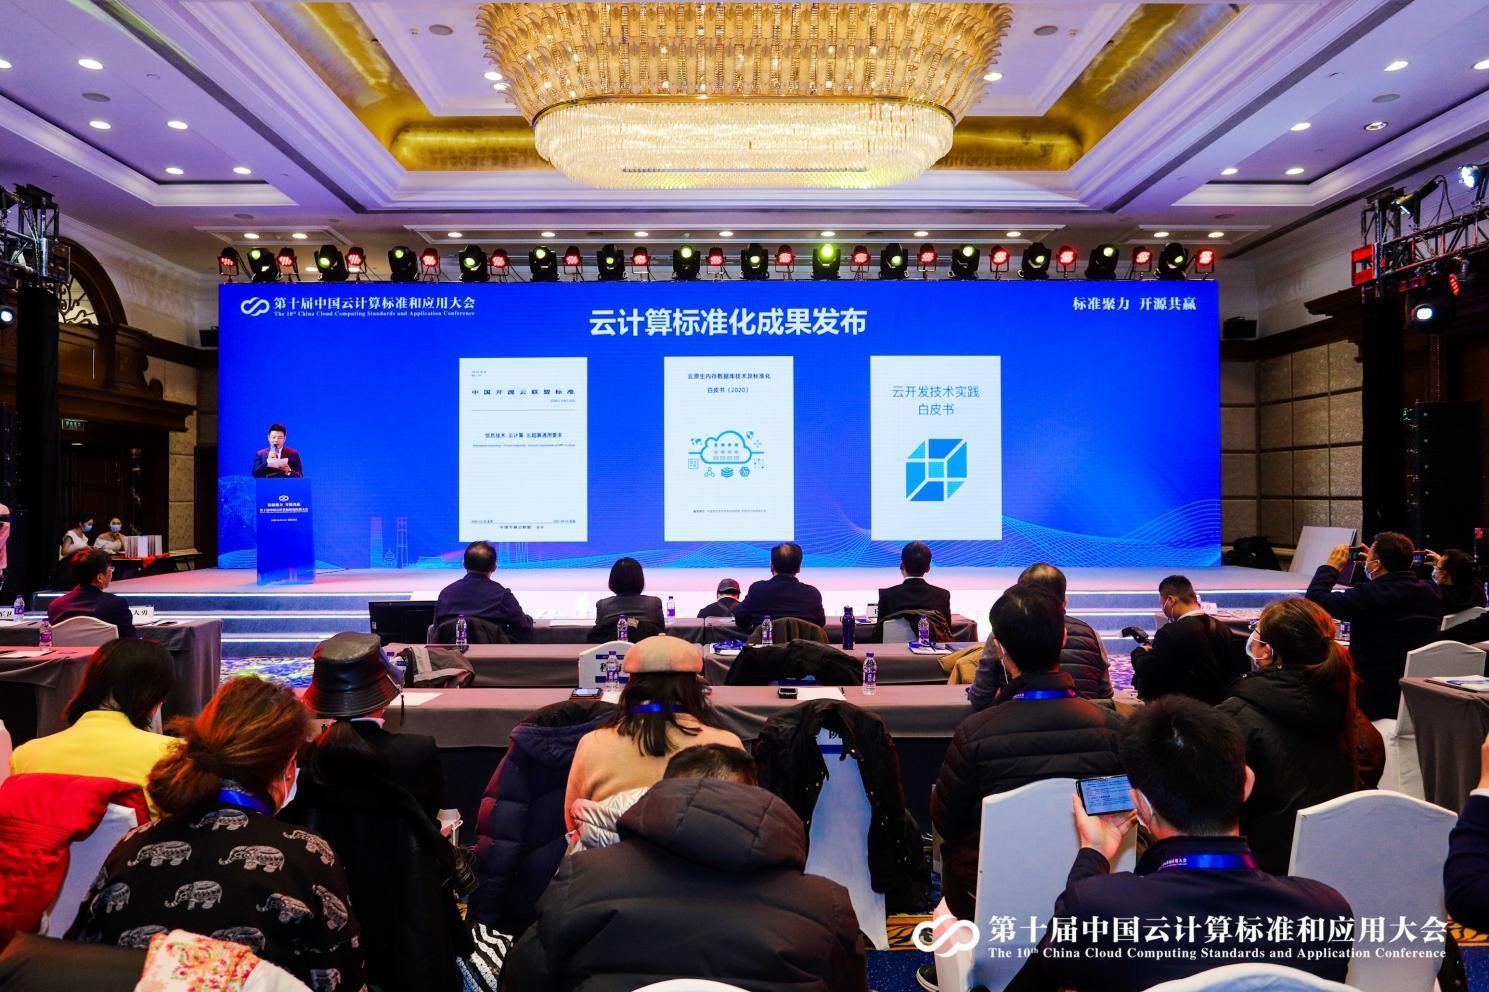 http://drdbsz.oss-cn-shenzhen.aliyuncs.com/210112133848259941776.jpeg